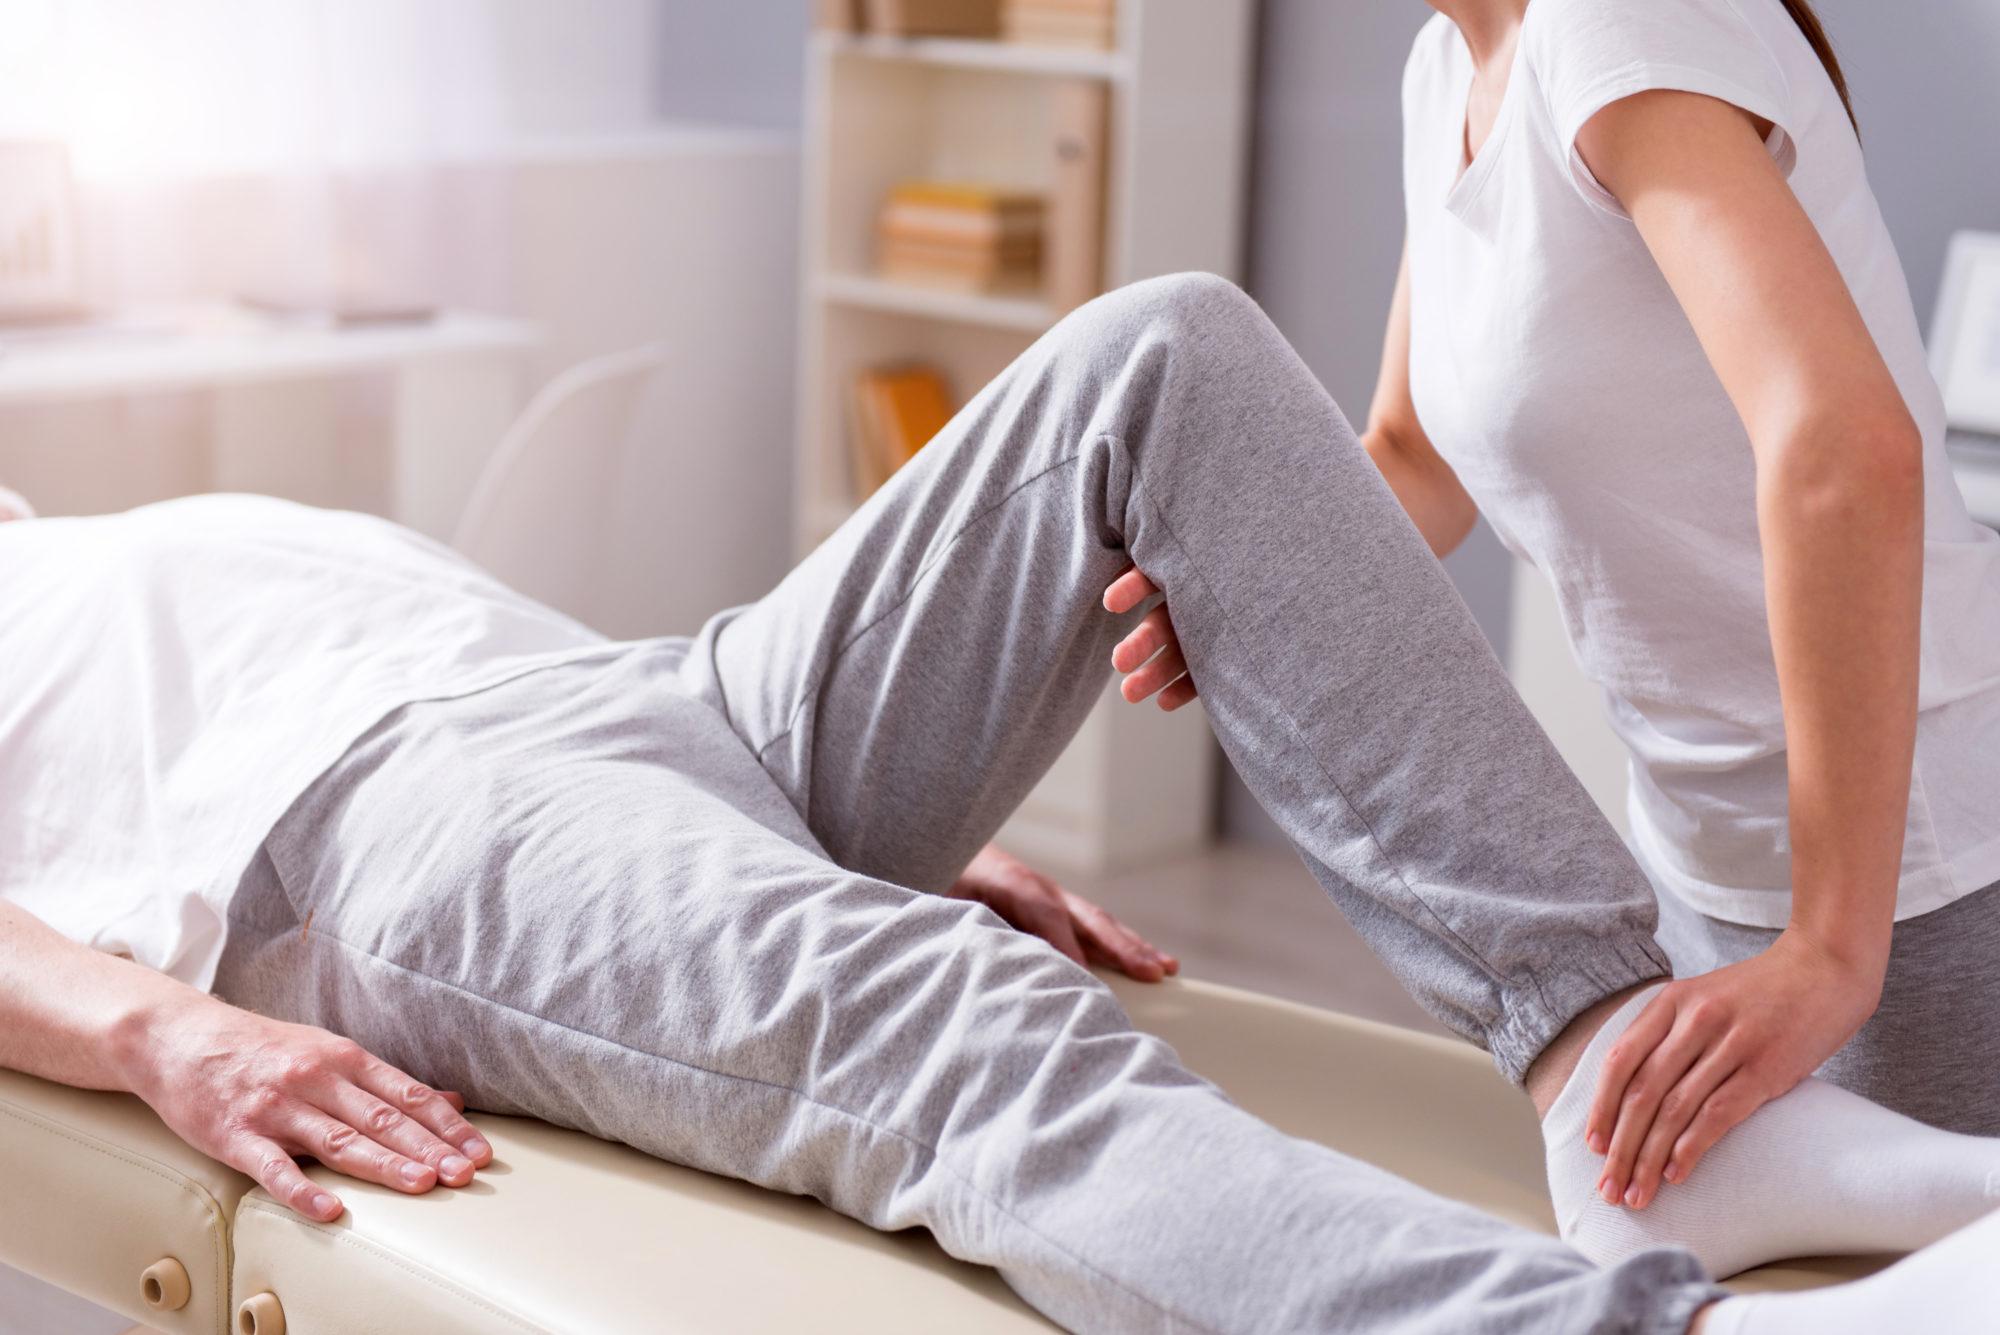 Fysioterapeutti koukistaa makuulla olevan henkilön jalkaa.